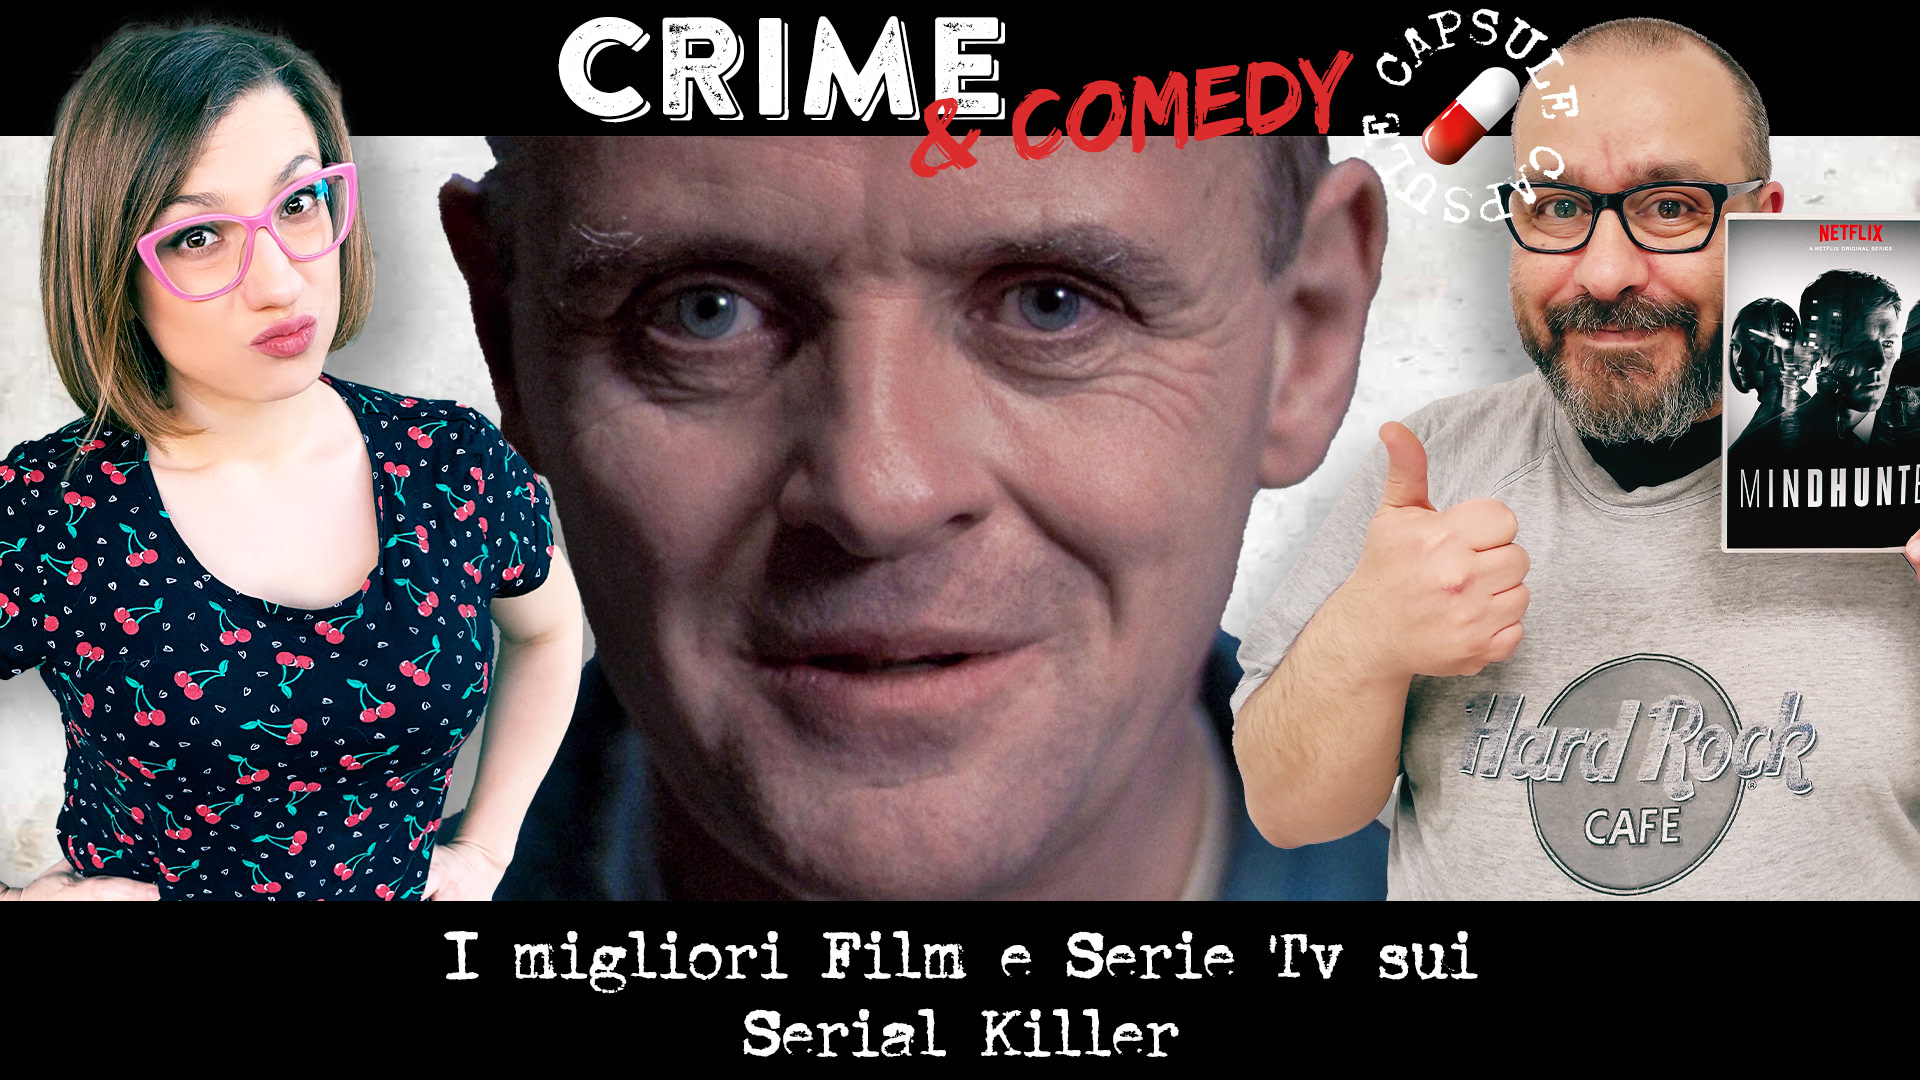 I migliori Film e Serie Tv sui Serial Killer - Crime & Comedy Capsule - Podcast